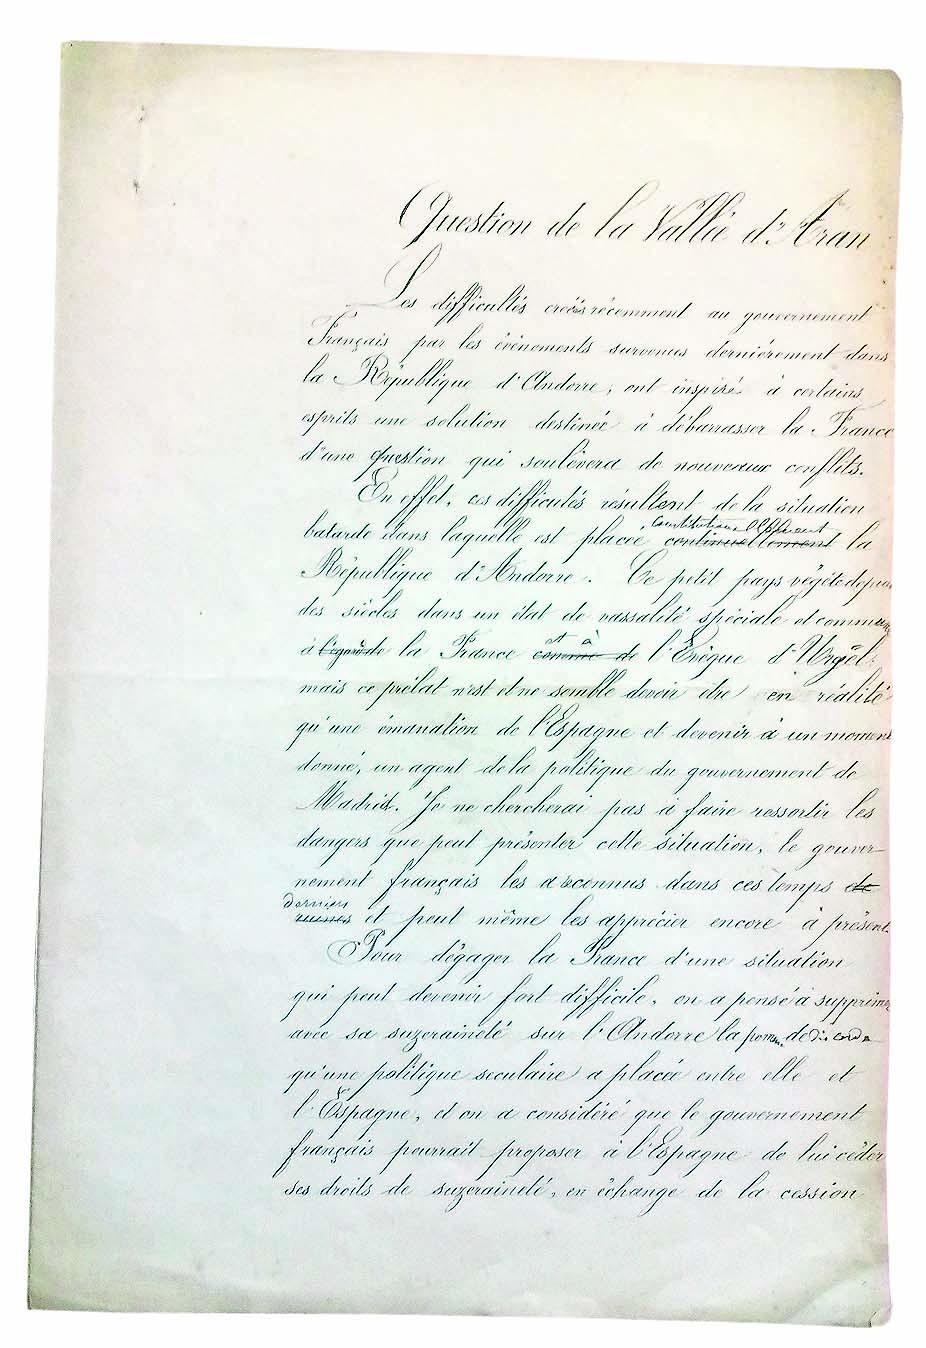 Primera de les vuit pàgines del document, titulat 'Question de la Vallée d'Aran' i firmat per Ch. Blanchard, 'chef d'escadron d'état major'; no està datat.